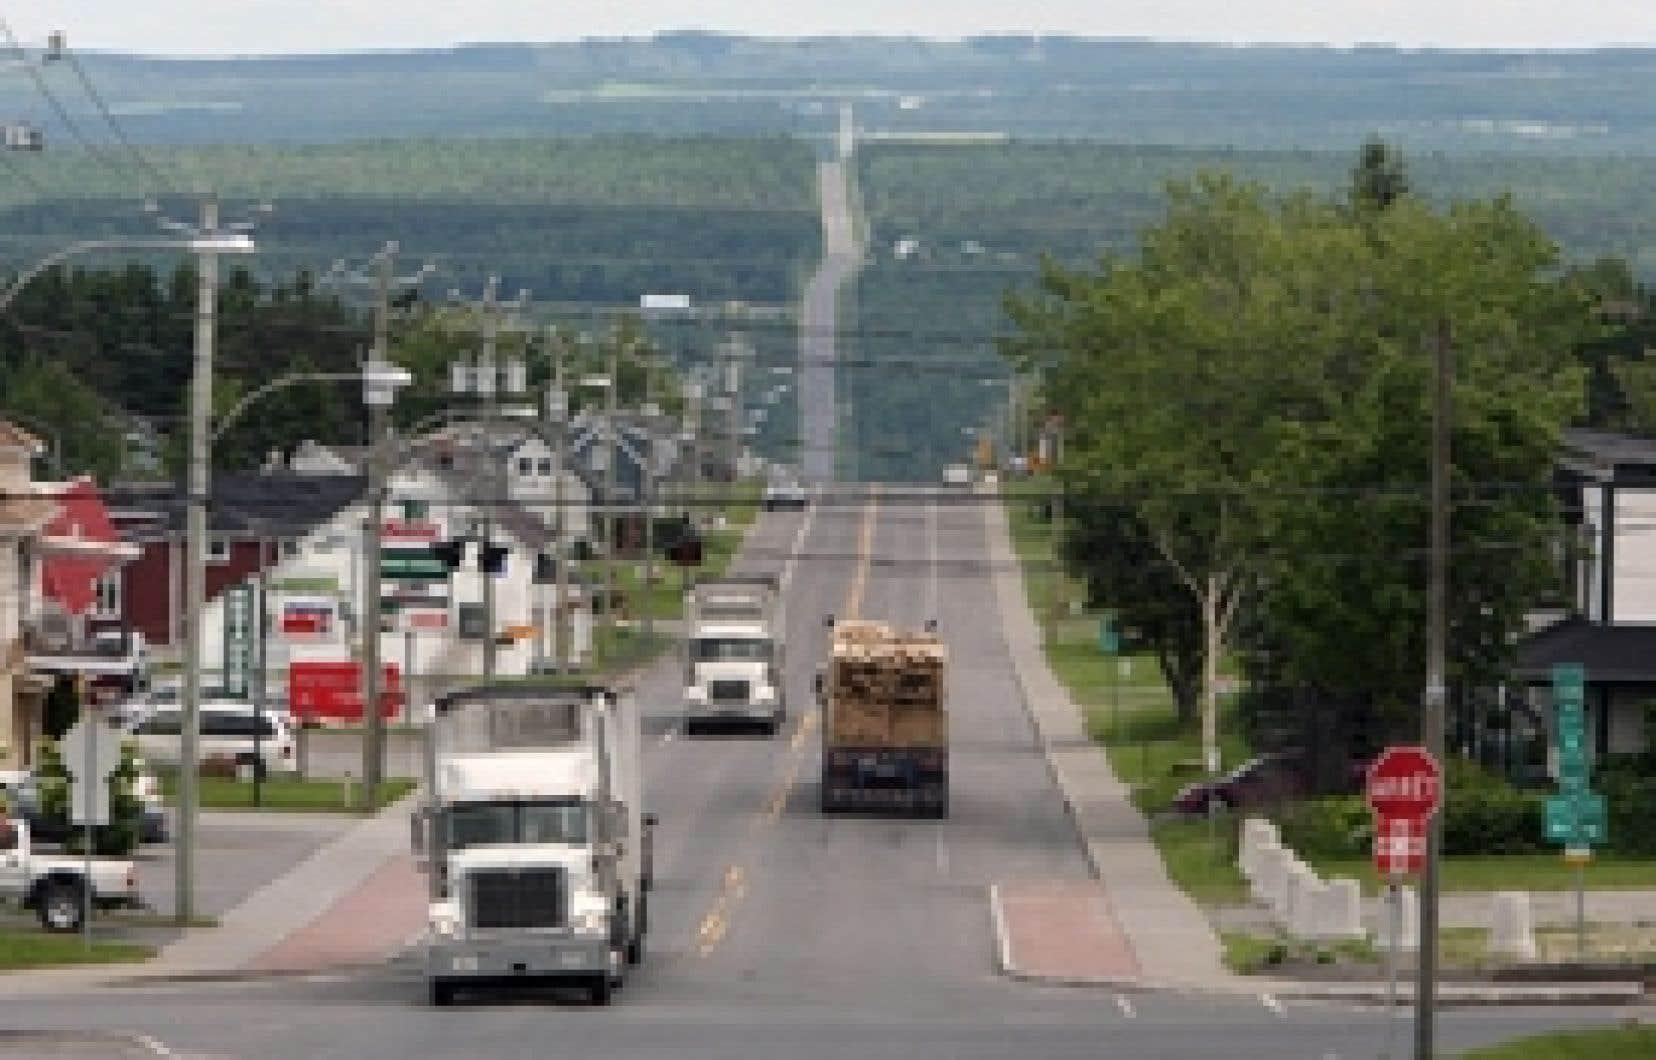 Les camions devront être équipés d'un limiteur de vitesse, réglé pour empêcher la conduite à plus de 105 km/h, dès le 1er janvier. Une période de grâce s'échelonnant jusqu'au 1er juillet 2009 est toutefois prévue.